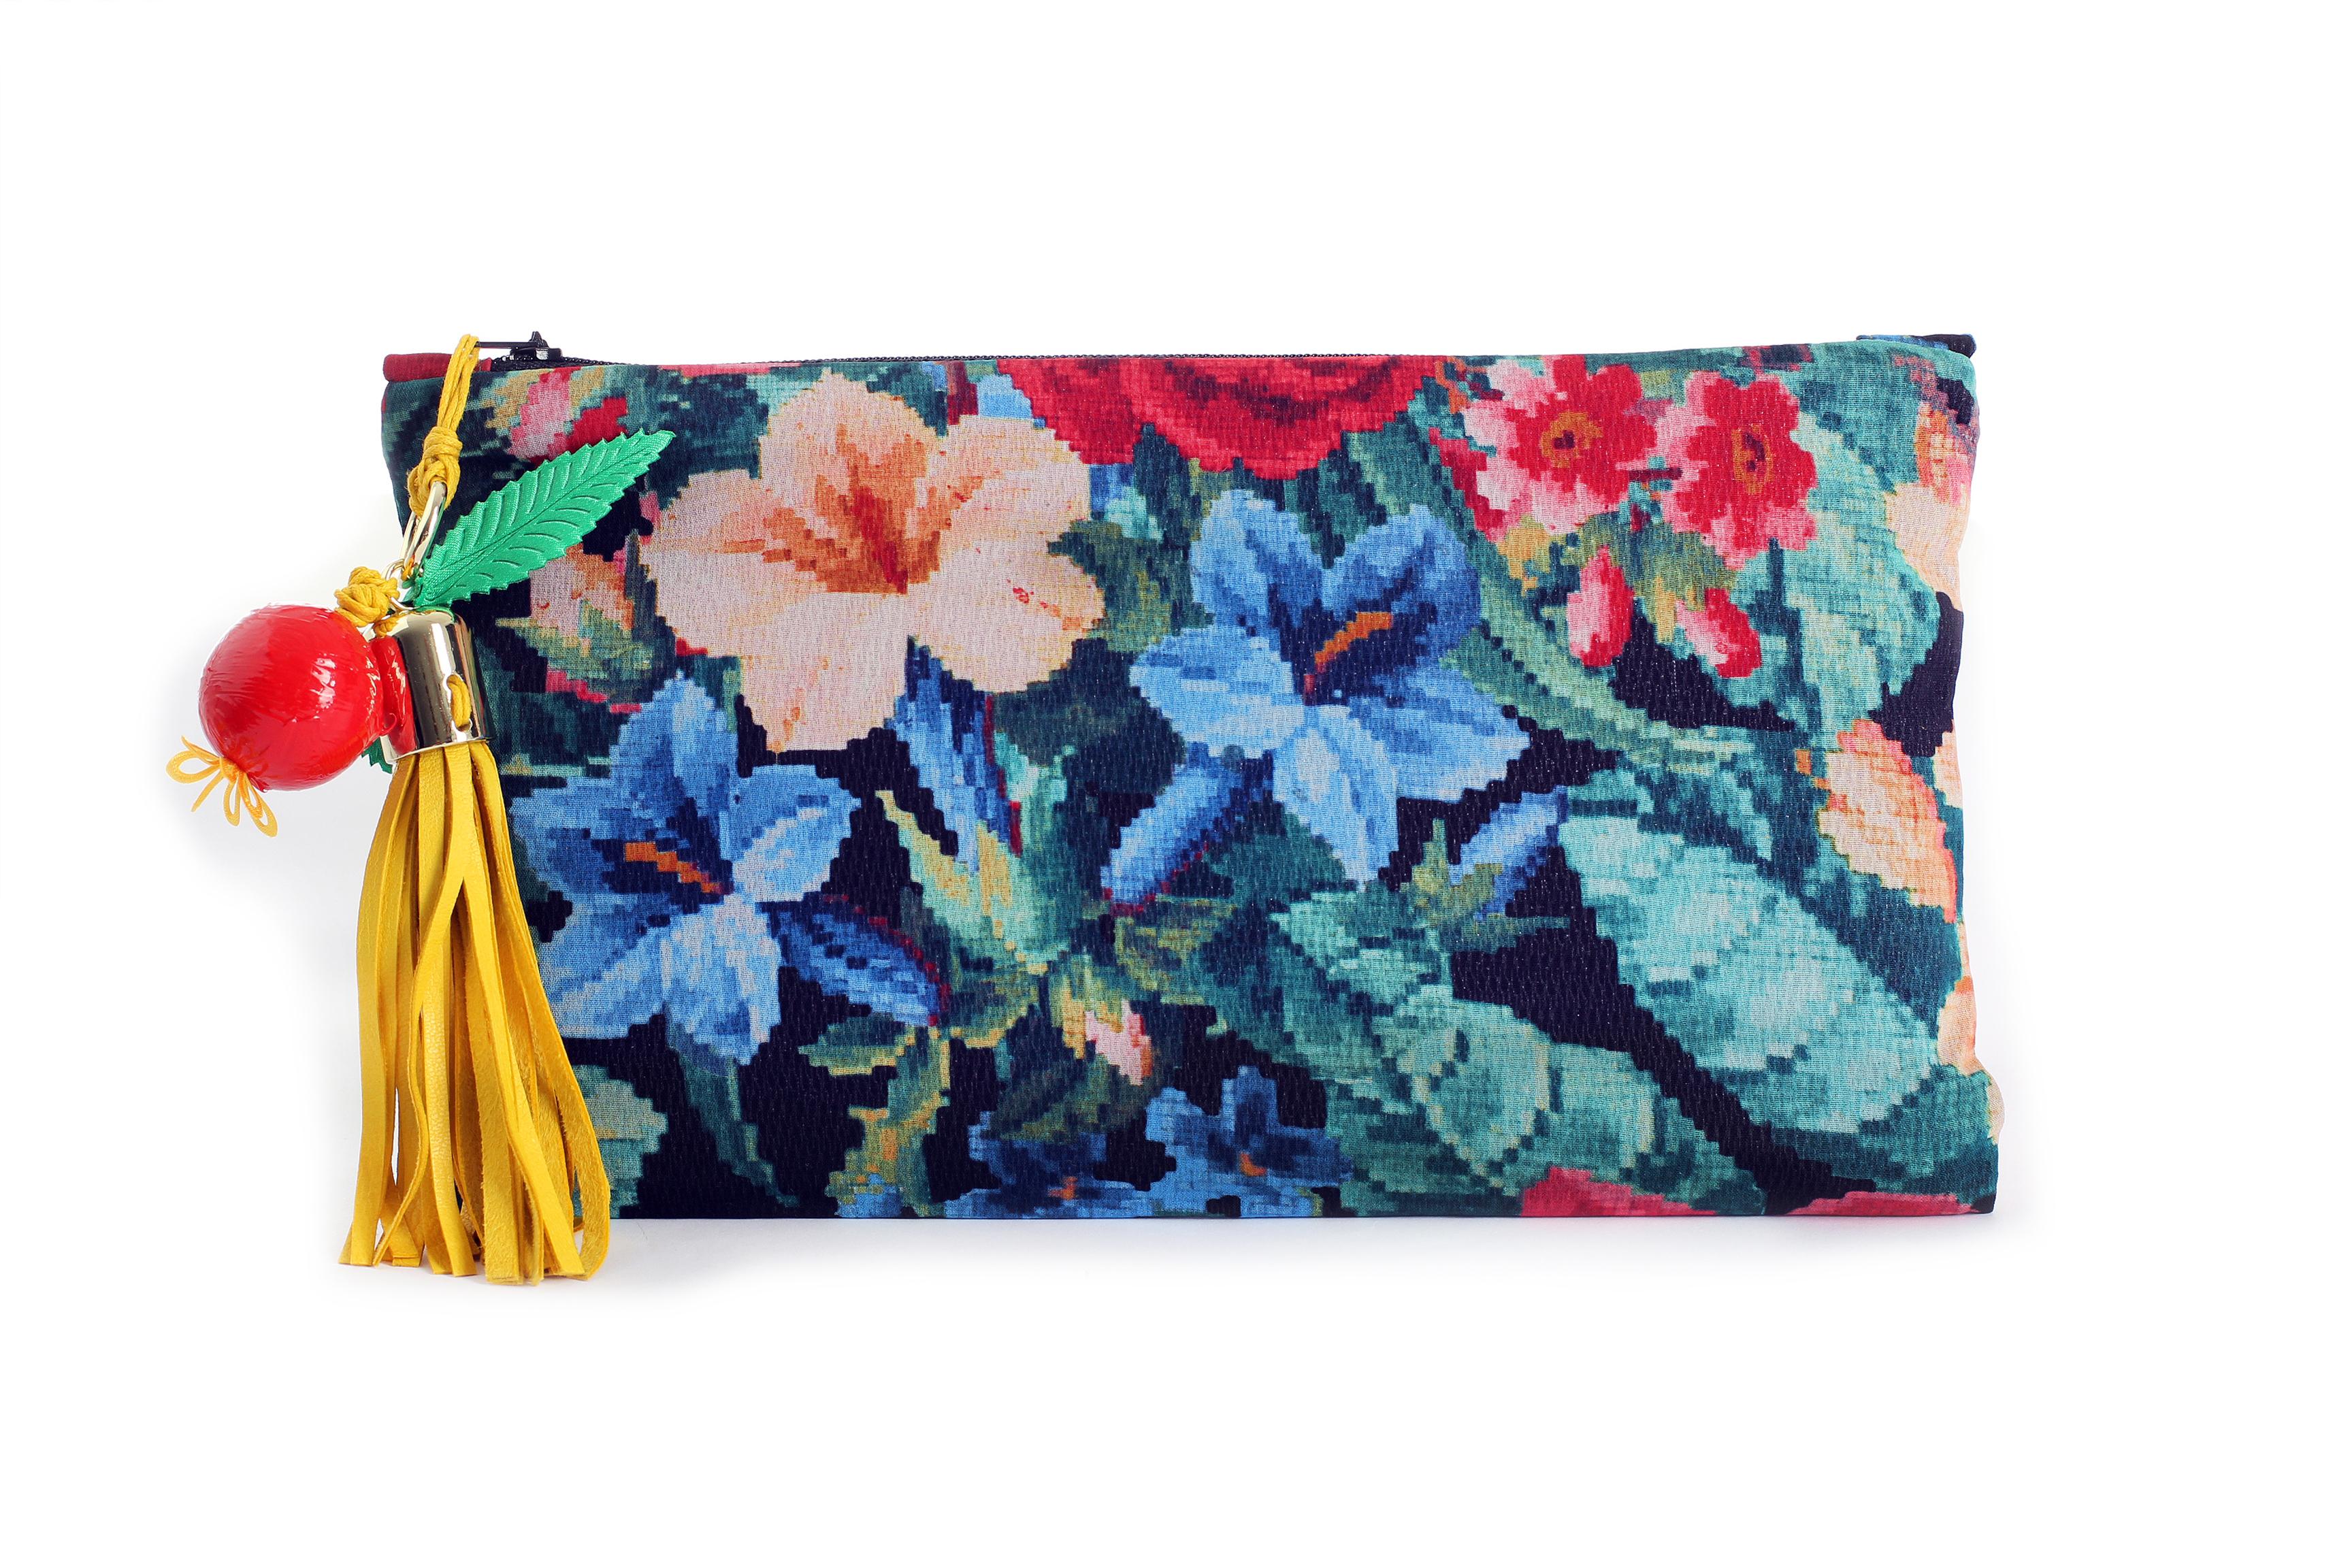 Handbags - Night Blooming Flowers - Summer Clutch Bags 2017 1